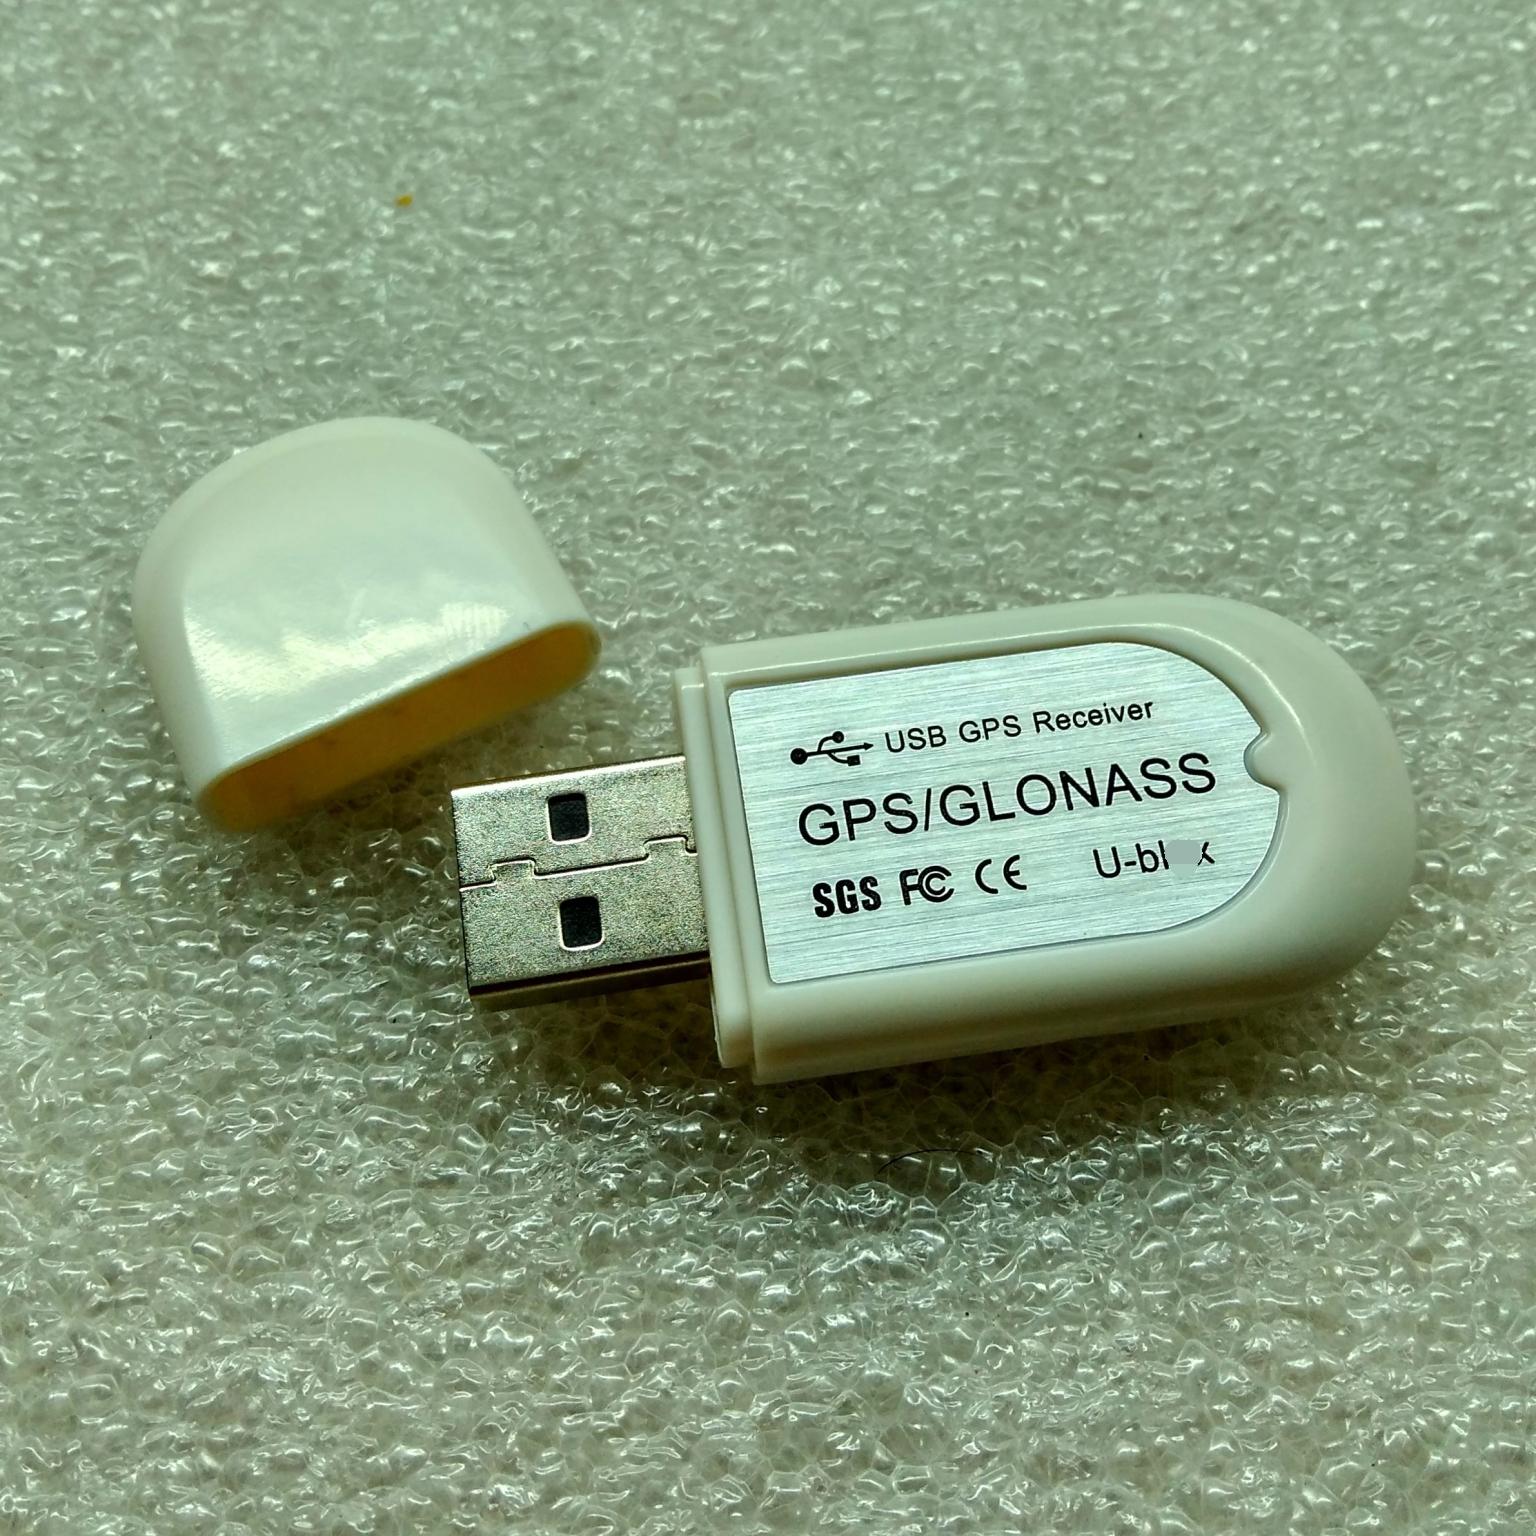 windows专用USB GPS模块 笔记本电脑pc平板导航 USB接口支持win10